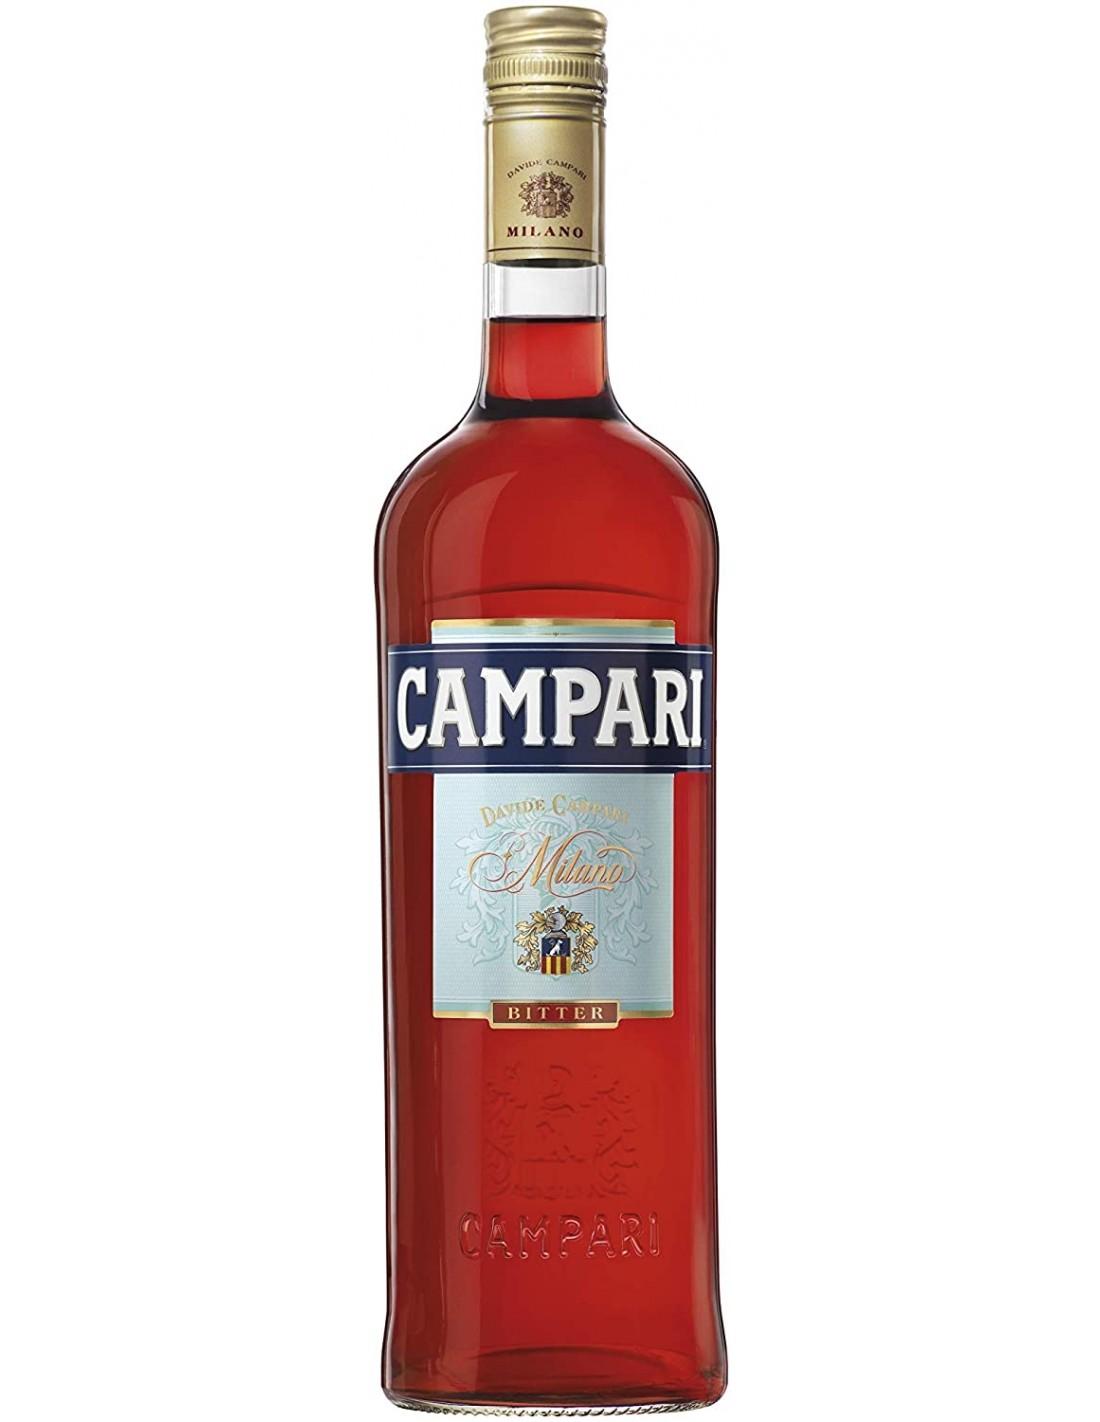 Vermut Campari Bitter, 25% alc., 1L, Italia